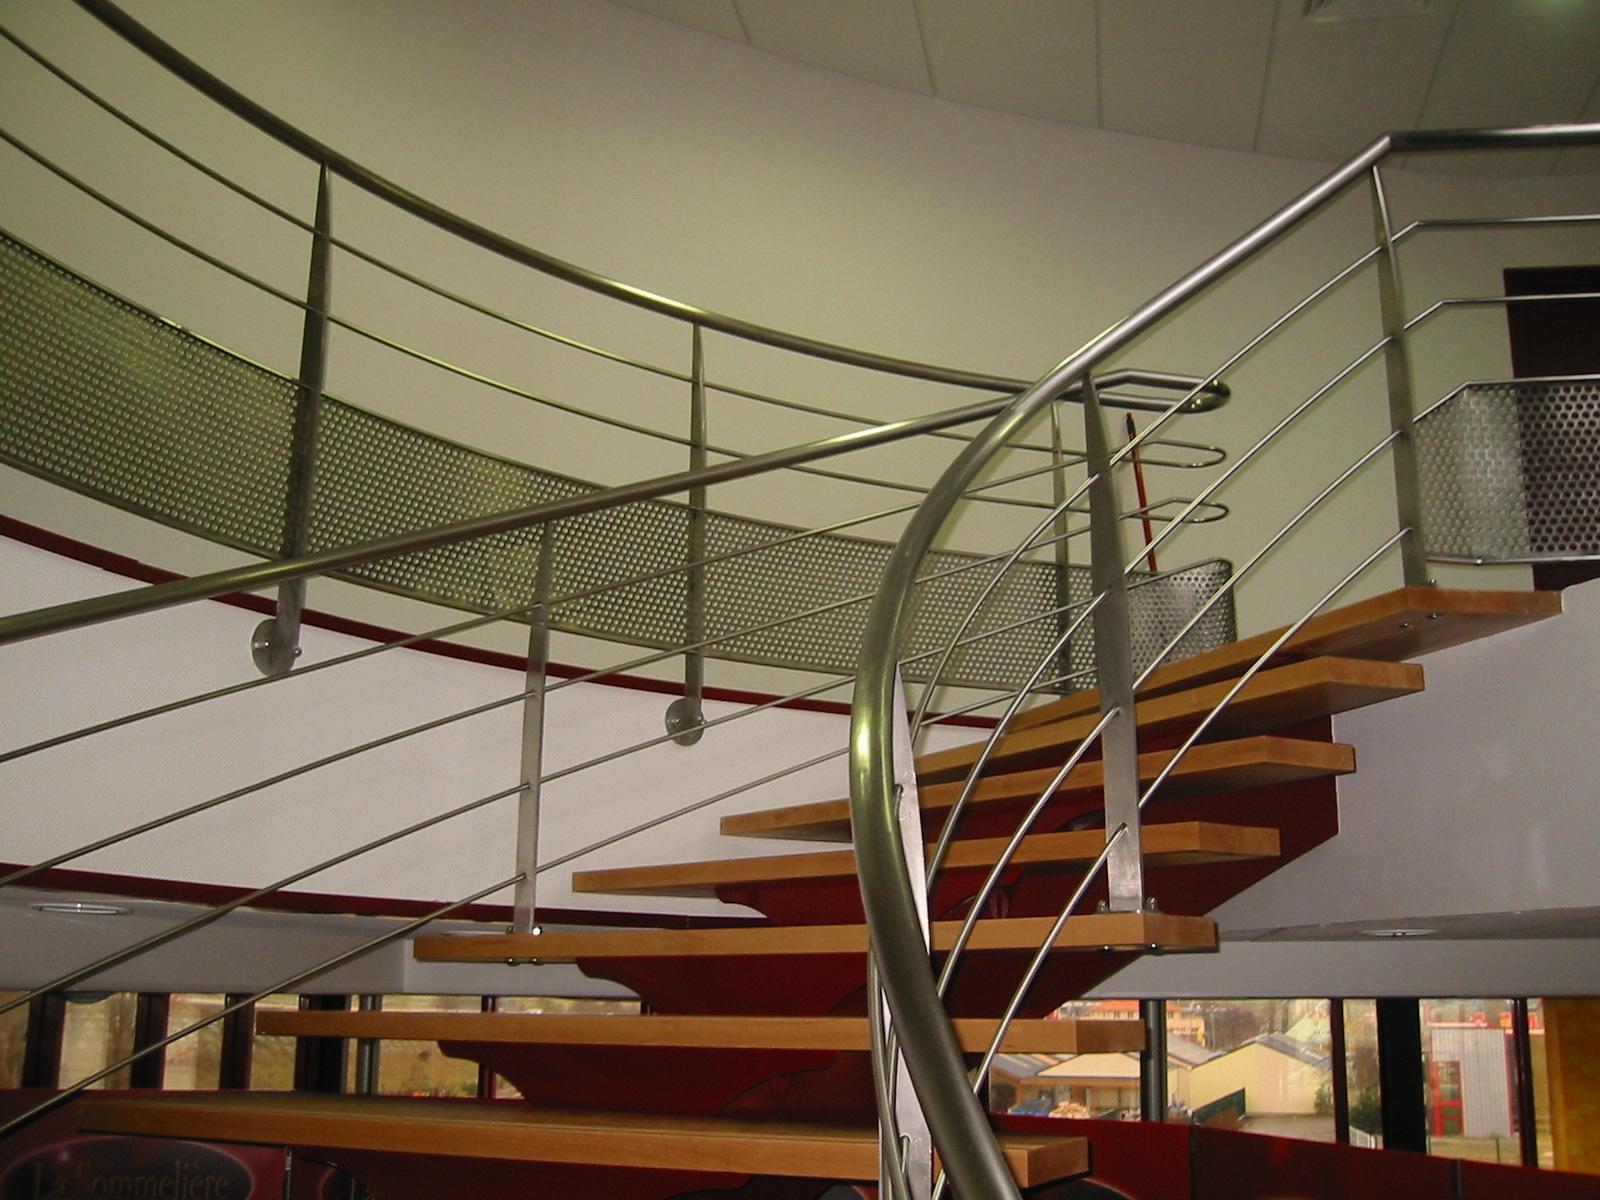 garde corps balcon exterieur lapeyre. Black Bedroom Furniture Sets. Home Design Ideas